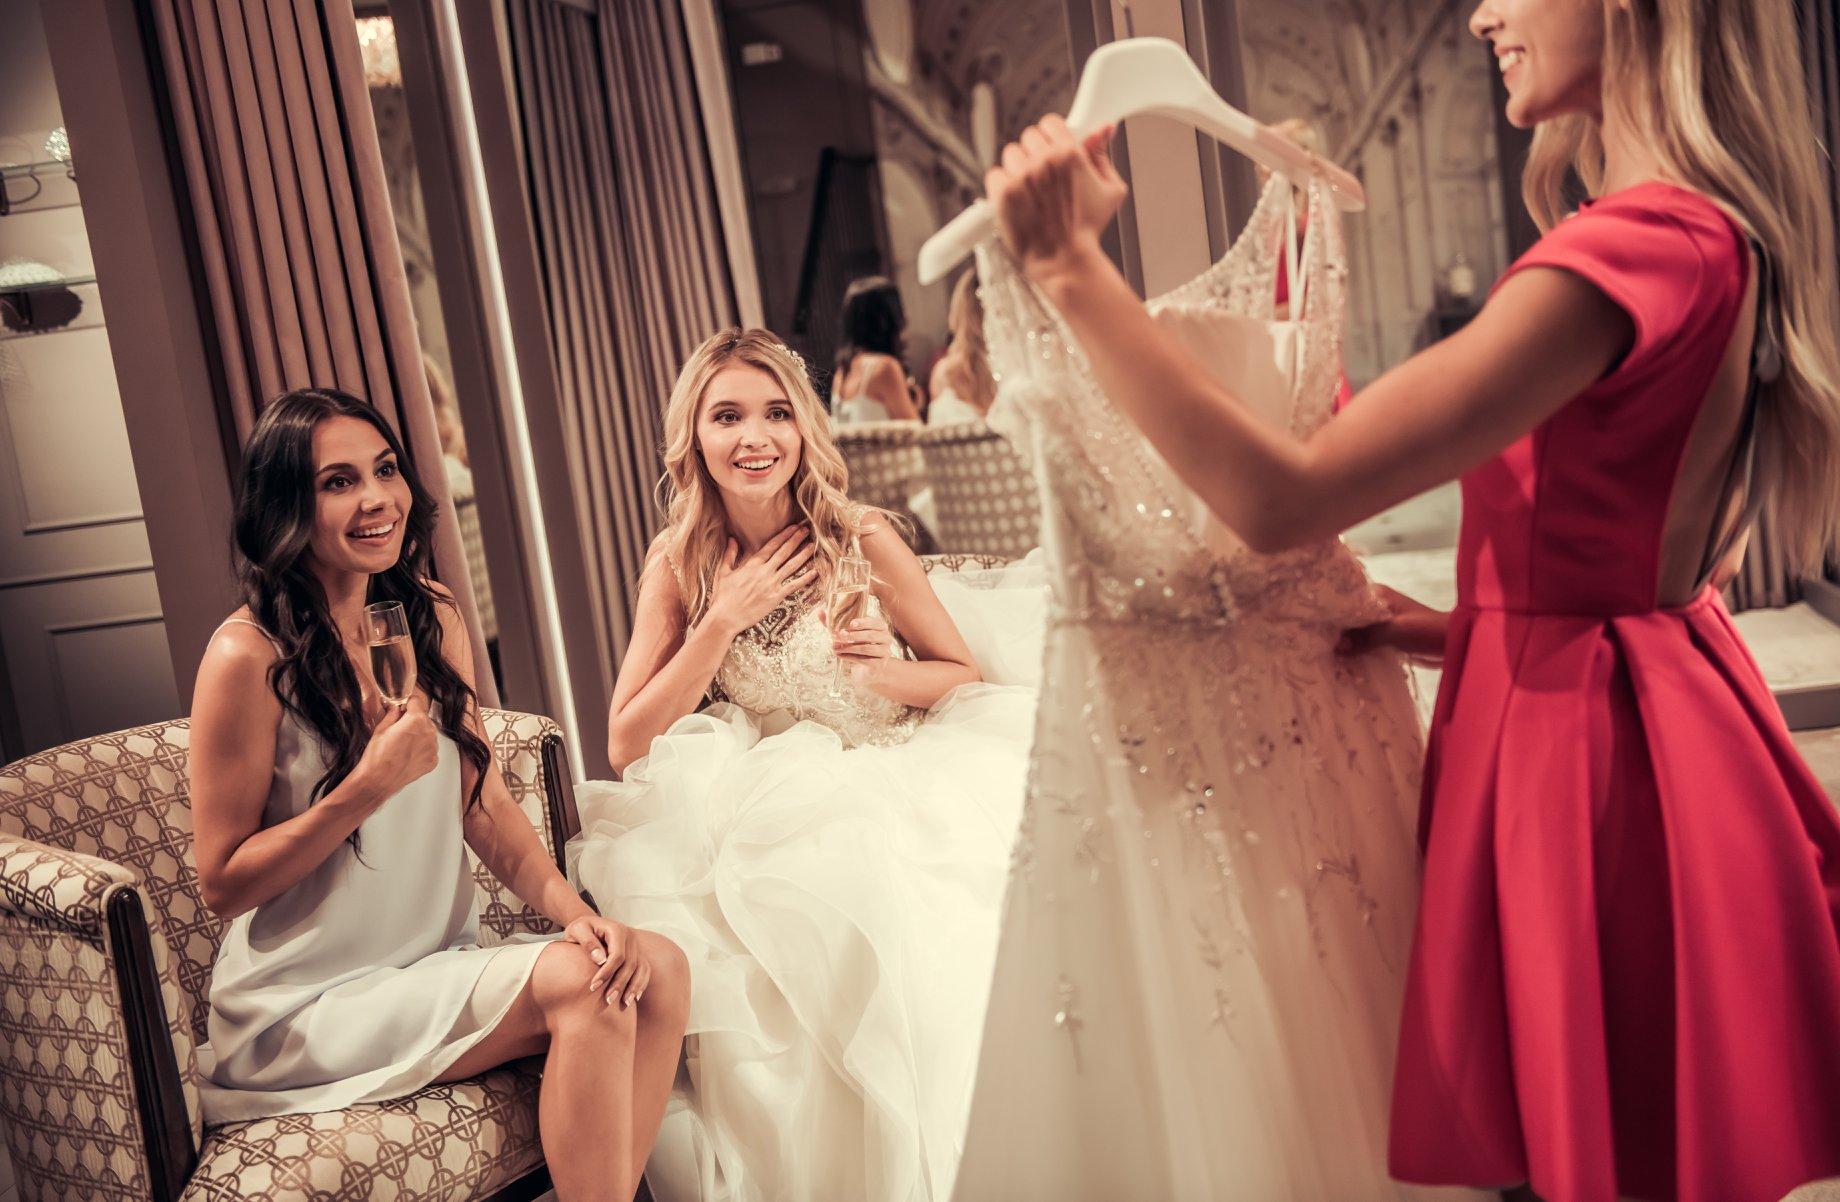 Intervallfasten für das perfekte Brautkleid